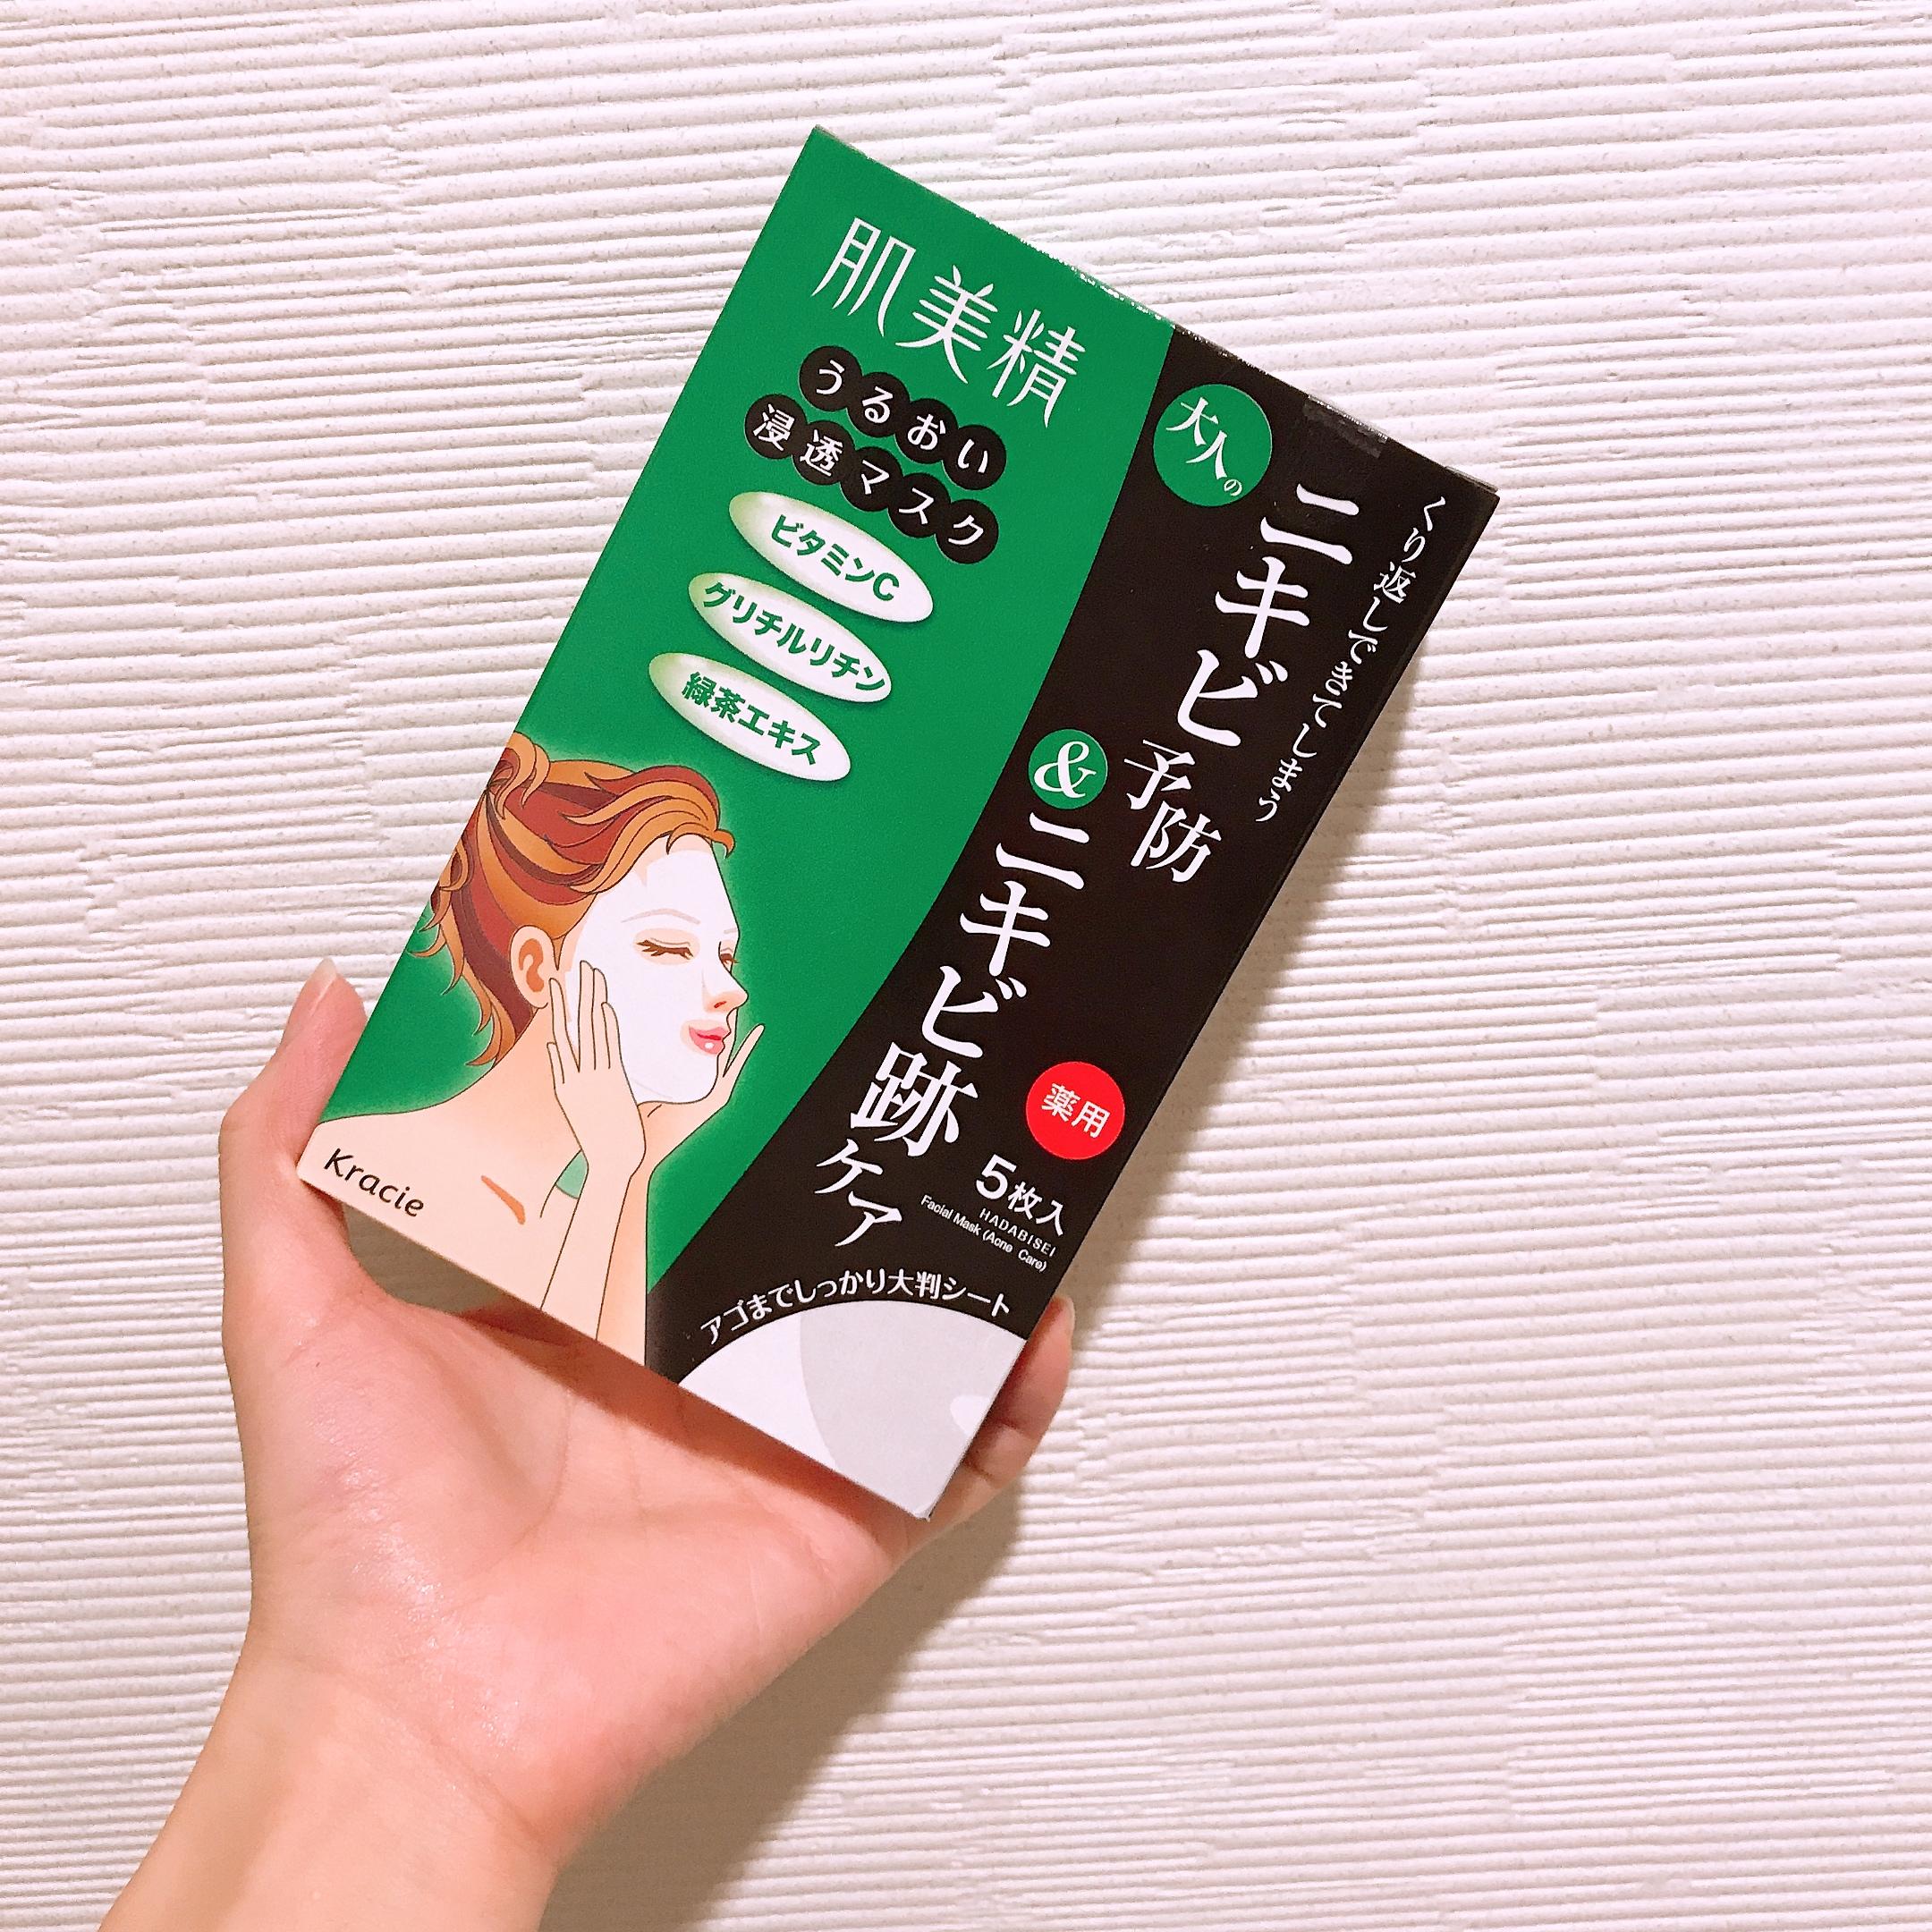 【スキンケア】ニキビ肌におすすめのパック✨_1